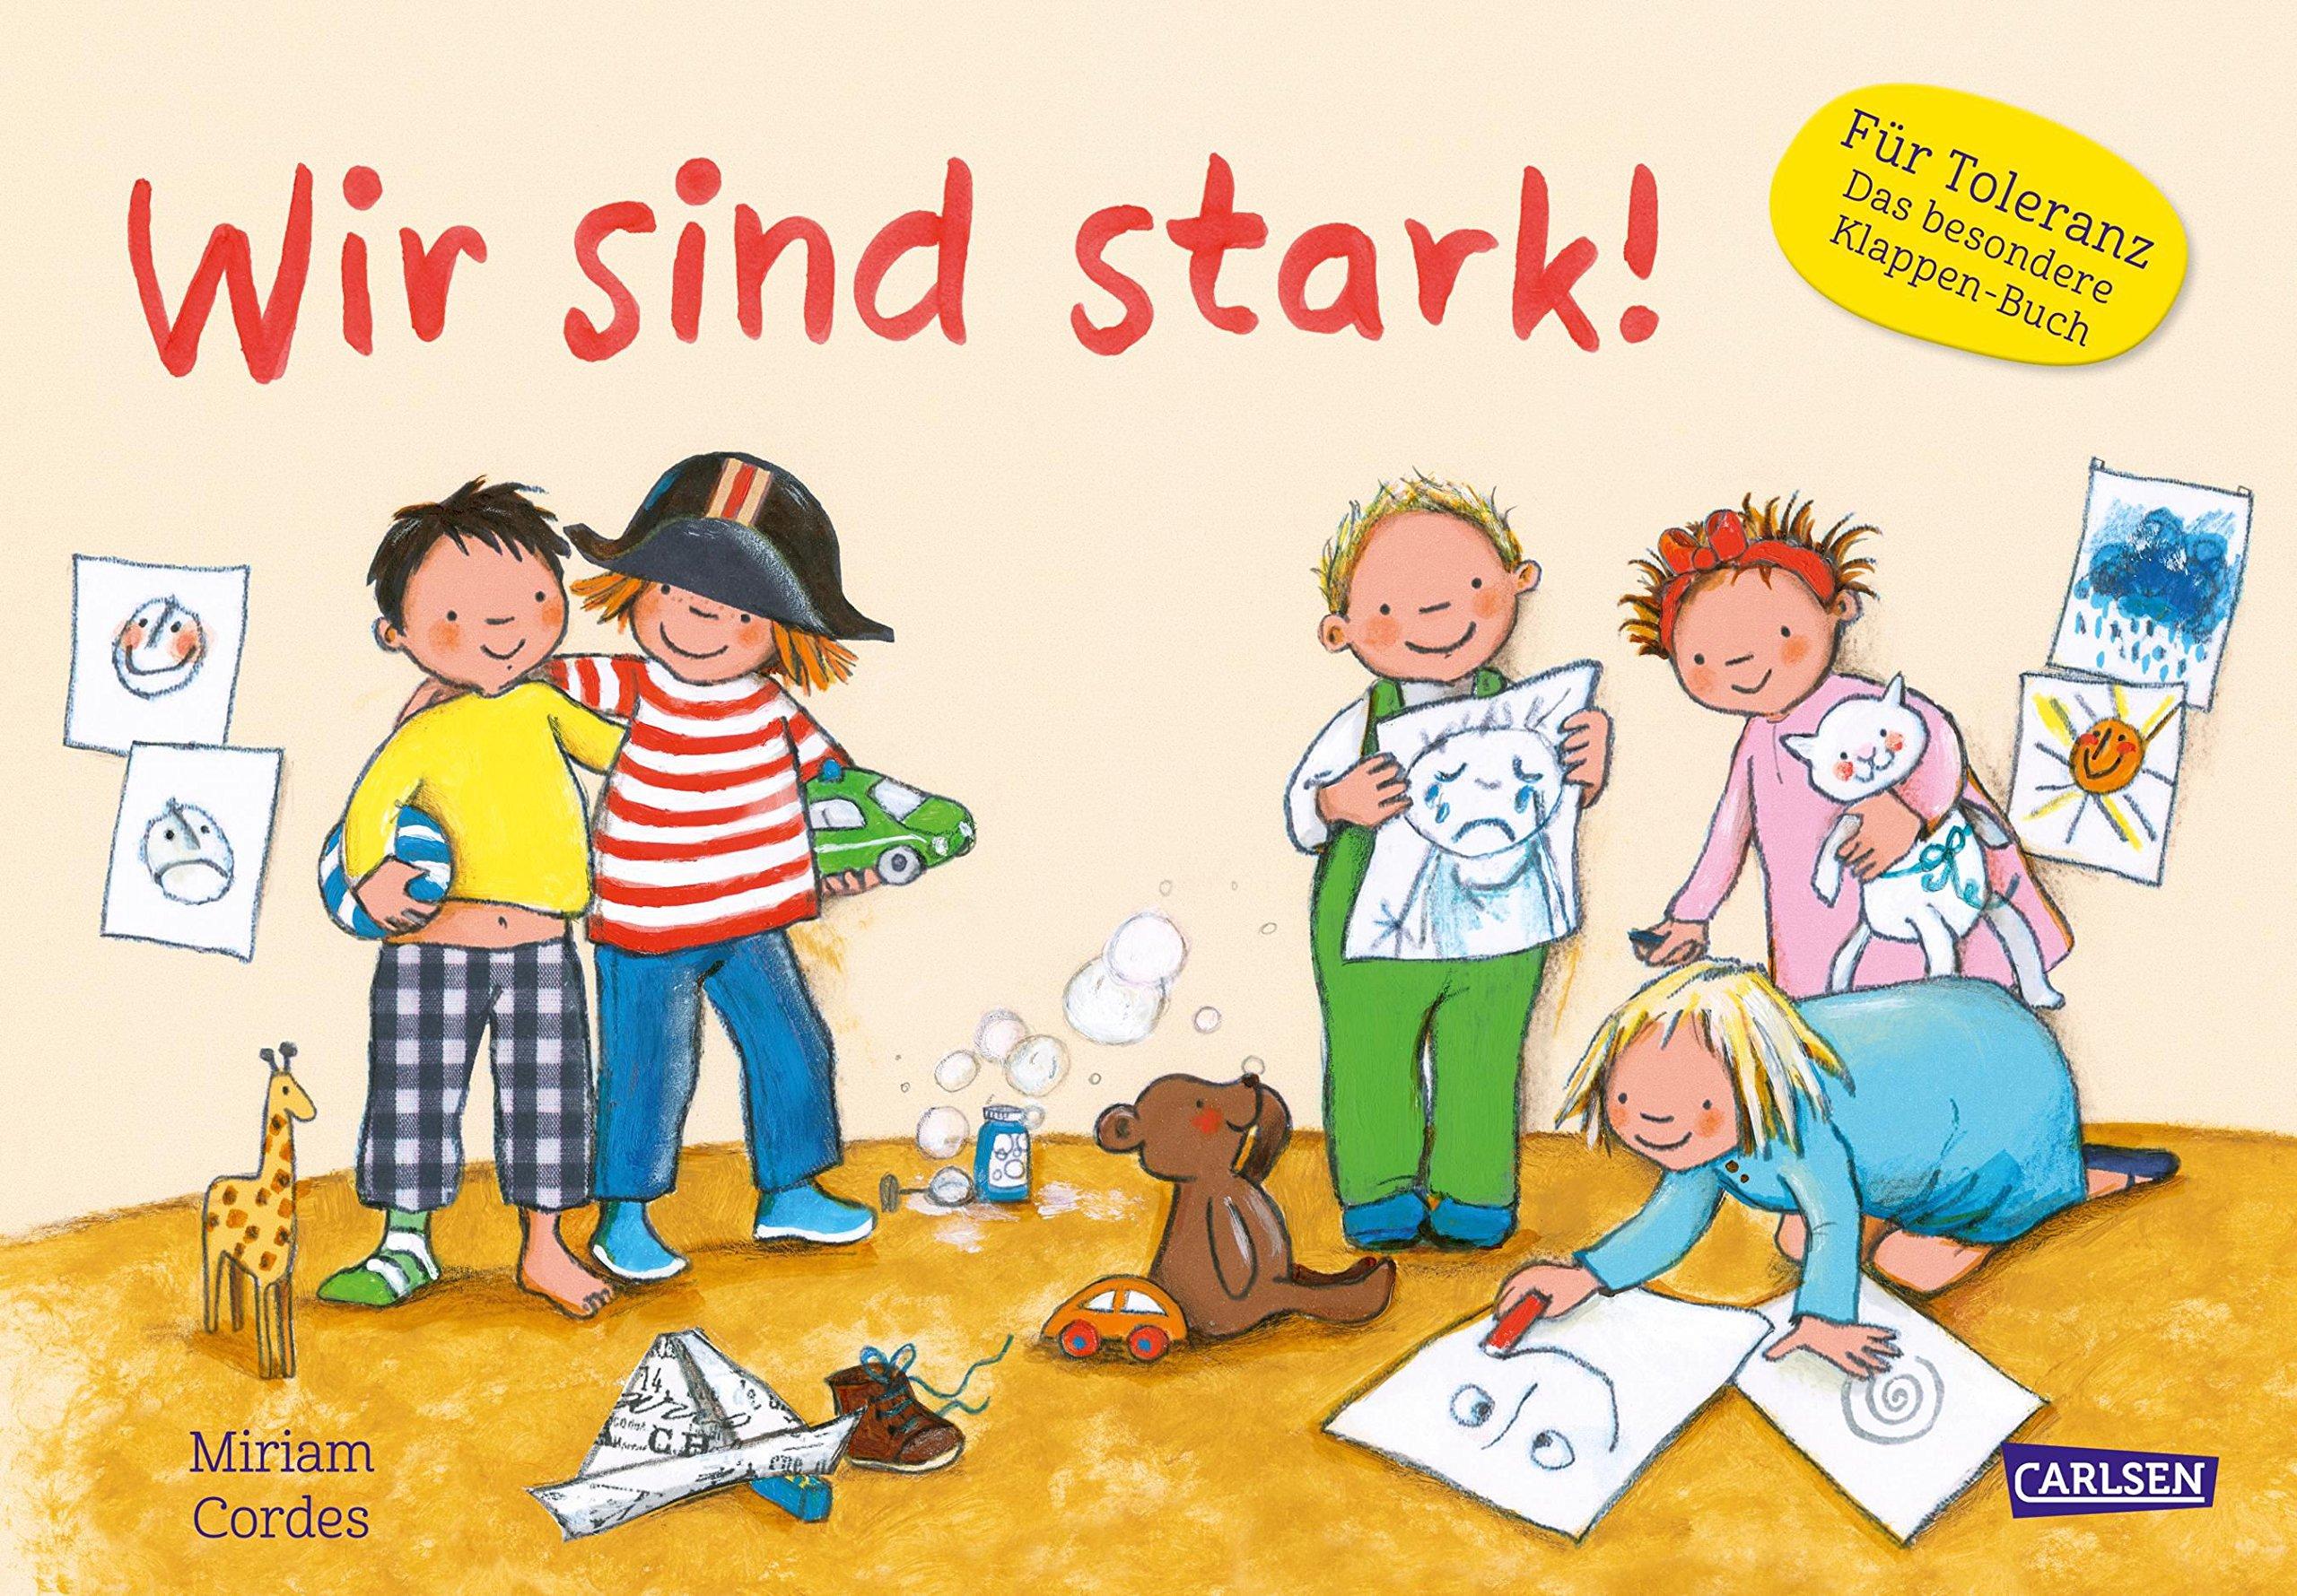 Wir sind stark!: Ein Kindergartenbuch über Stärken und Schwächen, Gefühle und Zusammenhalt